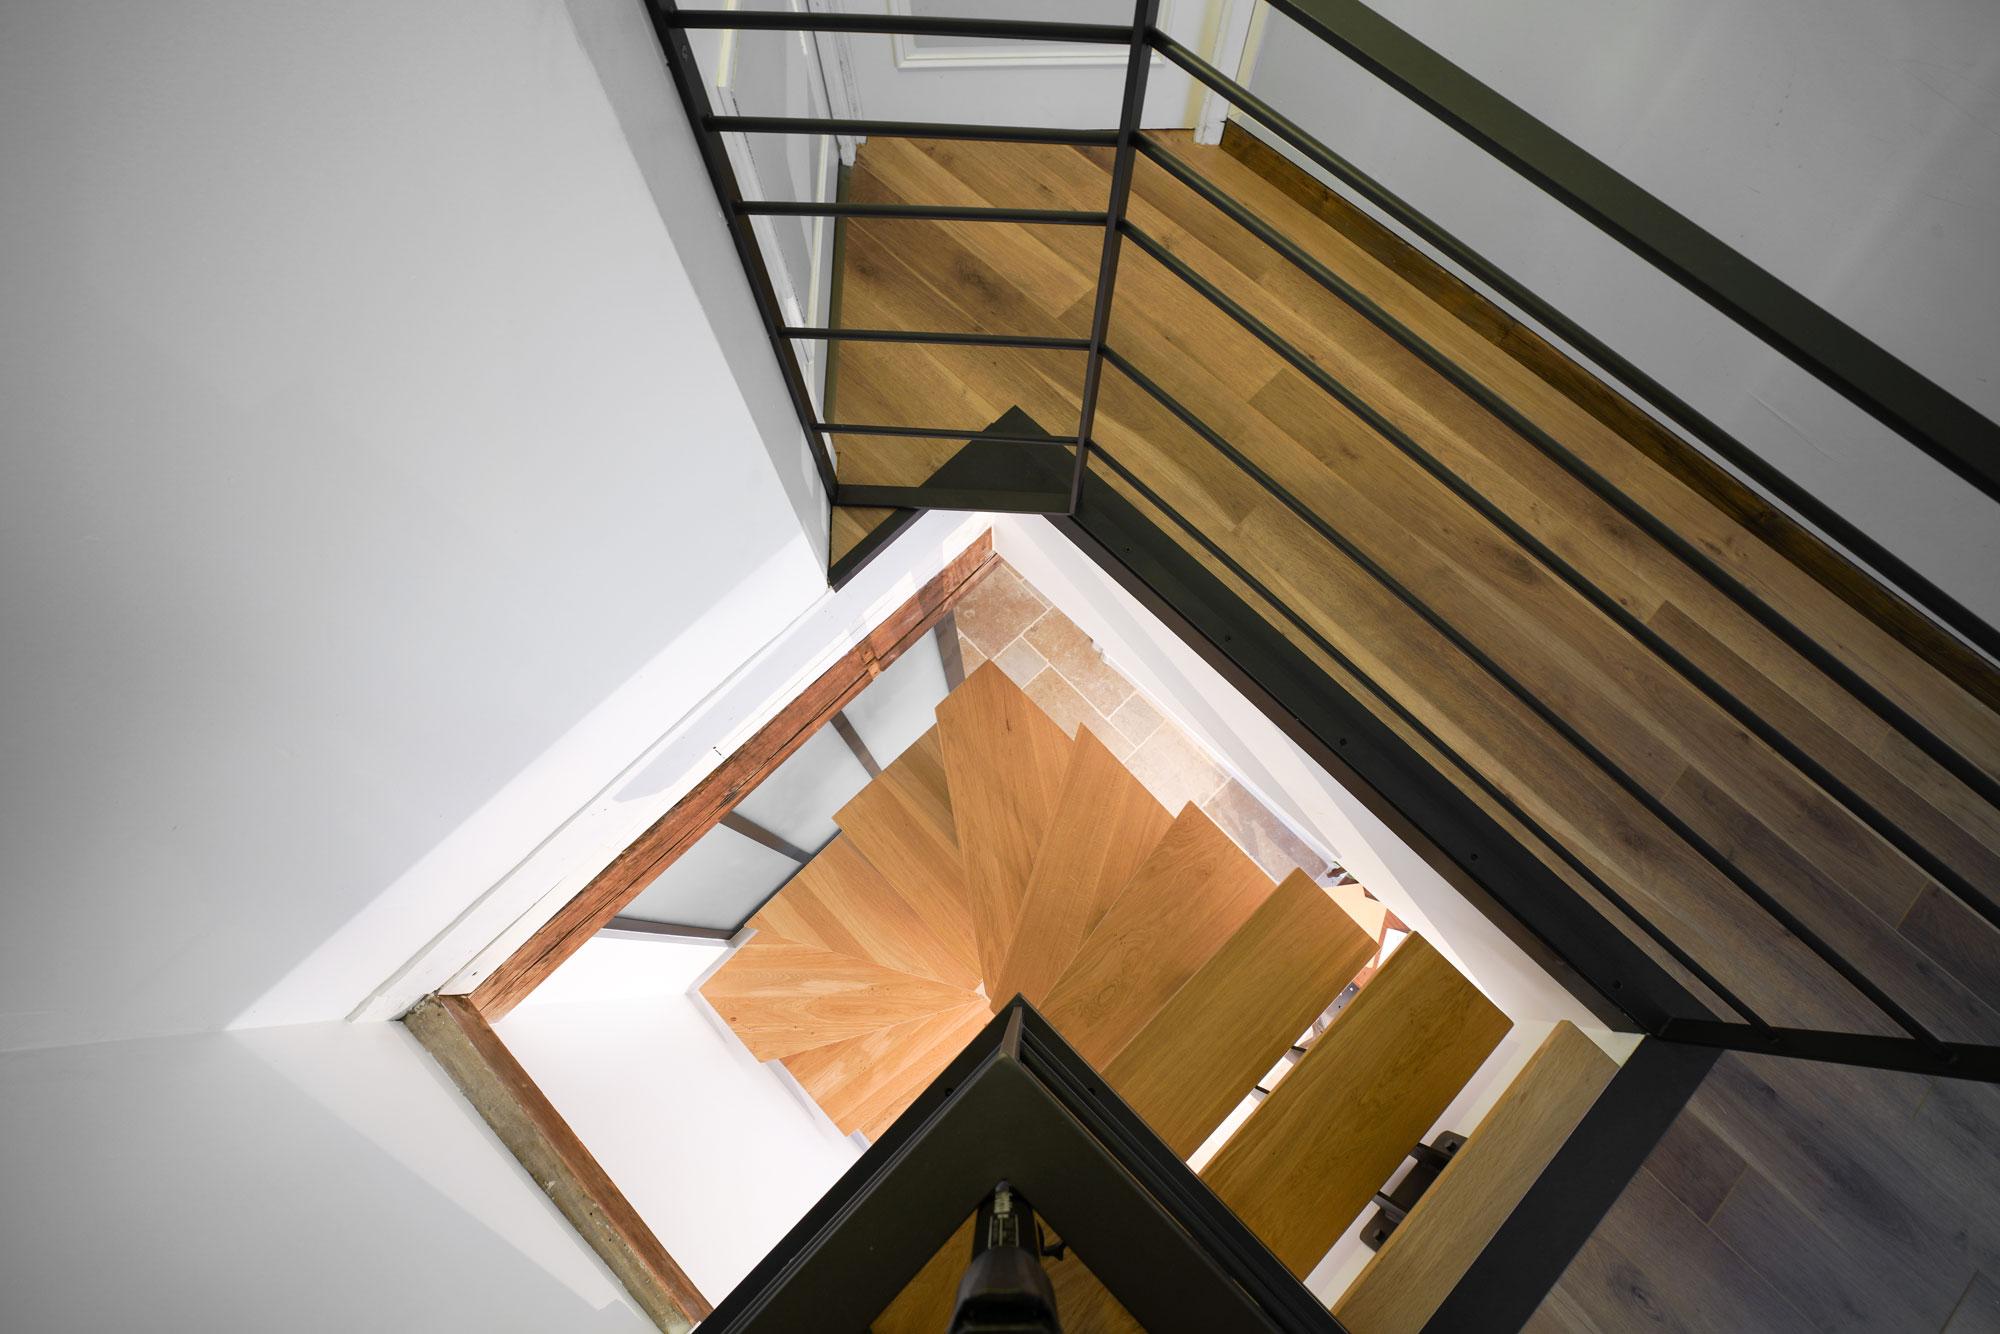 maison de campagne r novation baru design. Black Bedroom Furniture Sets. Home Design Ideas